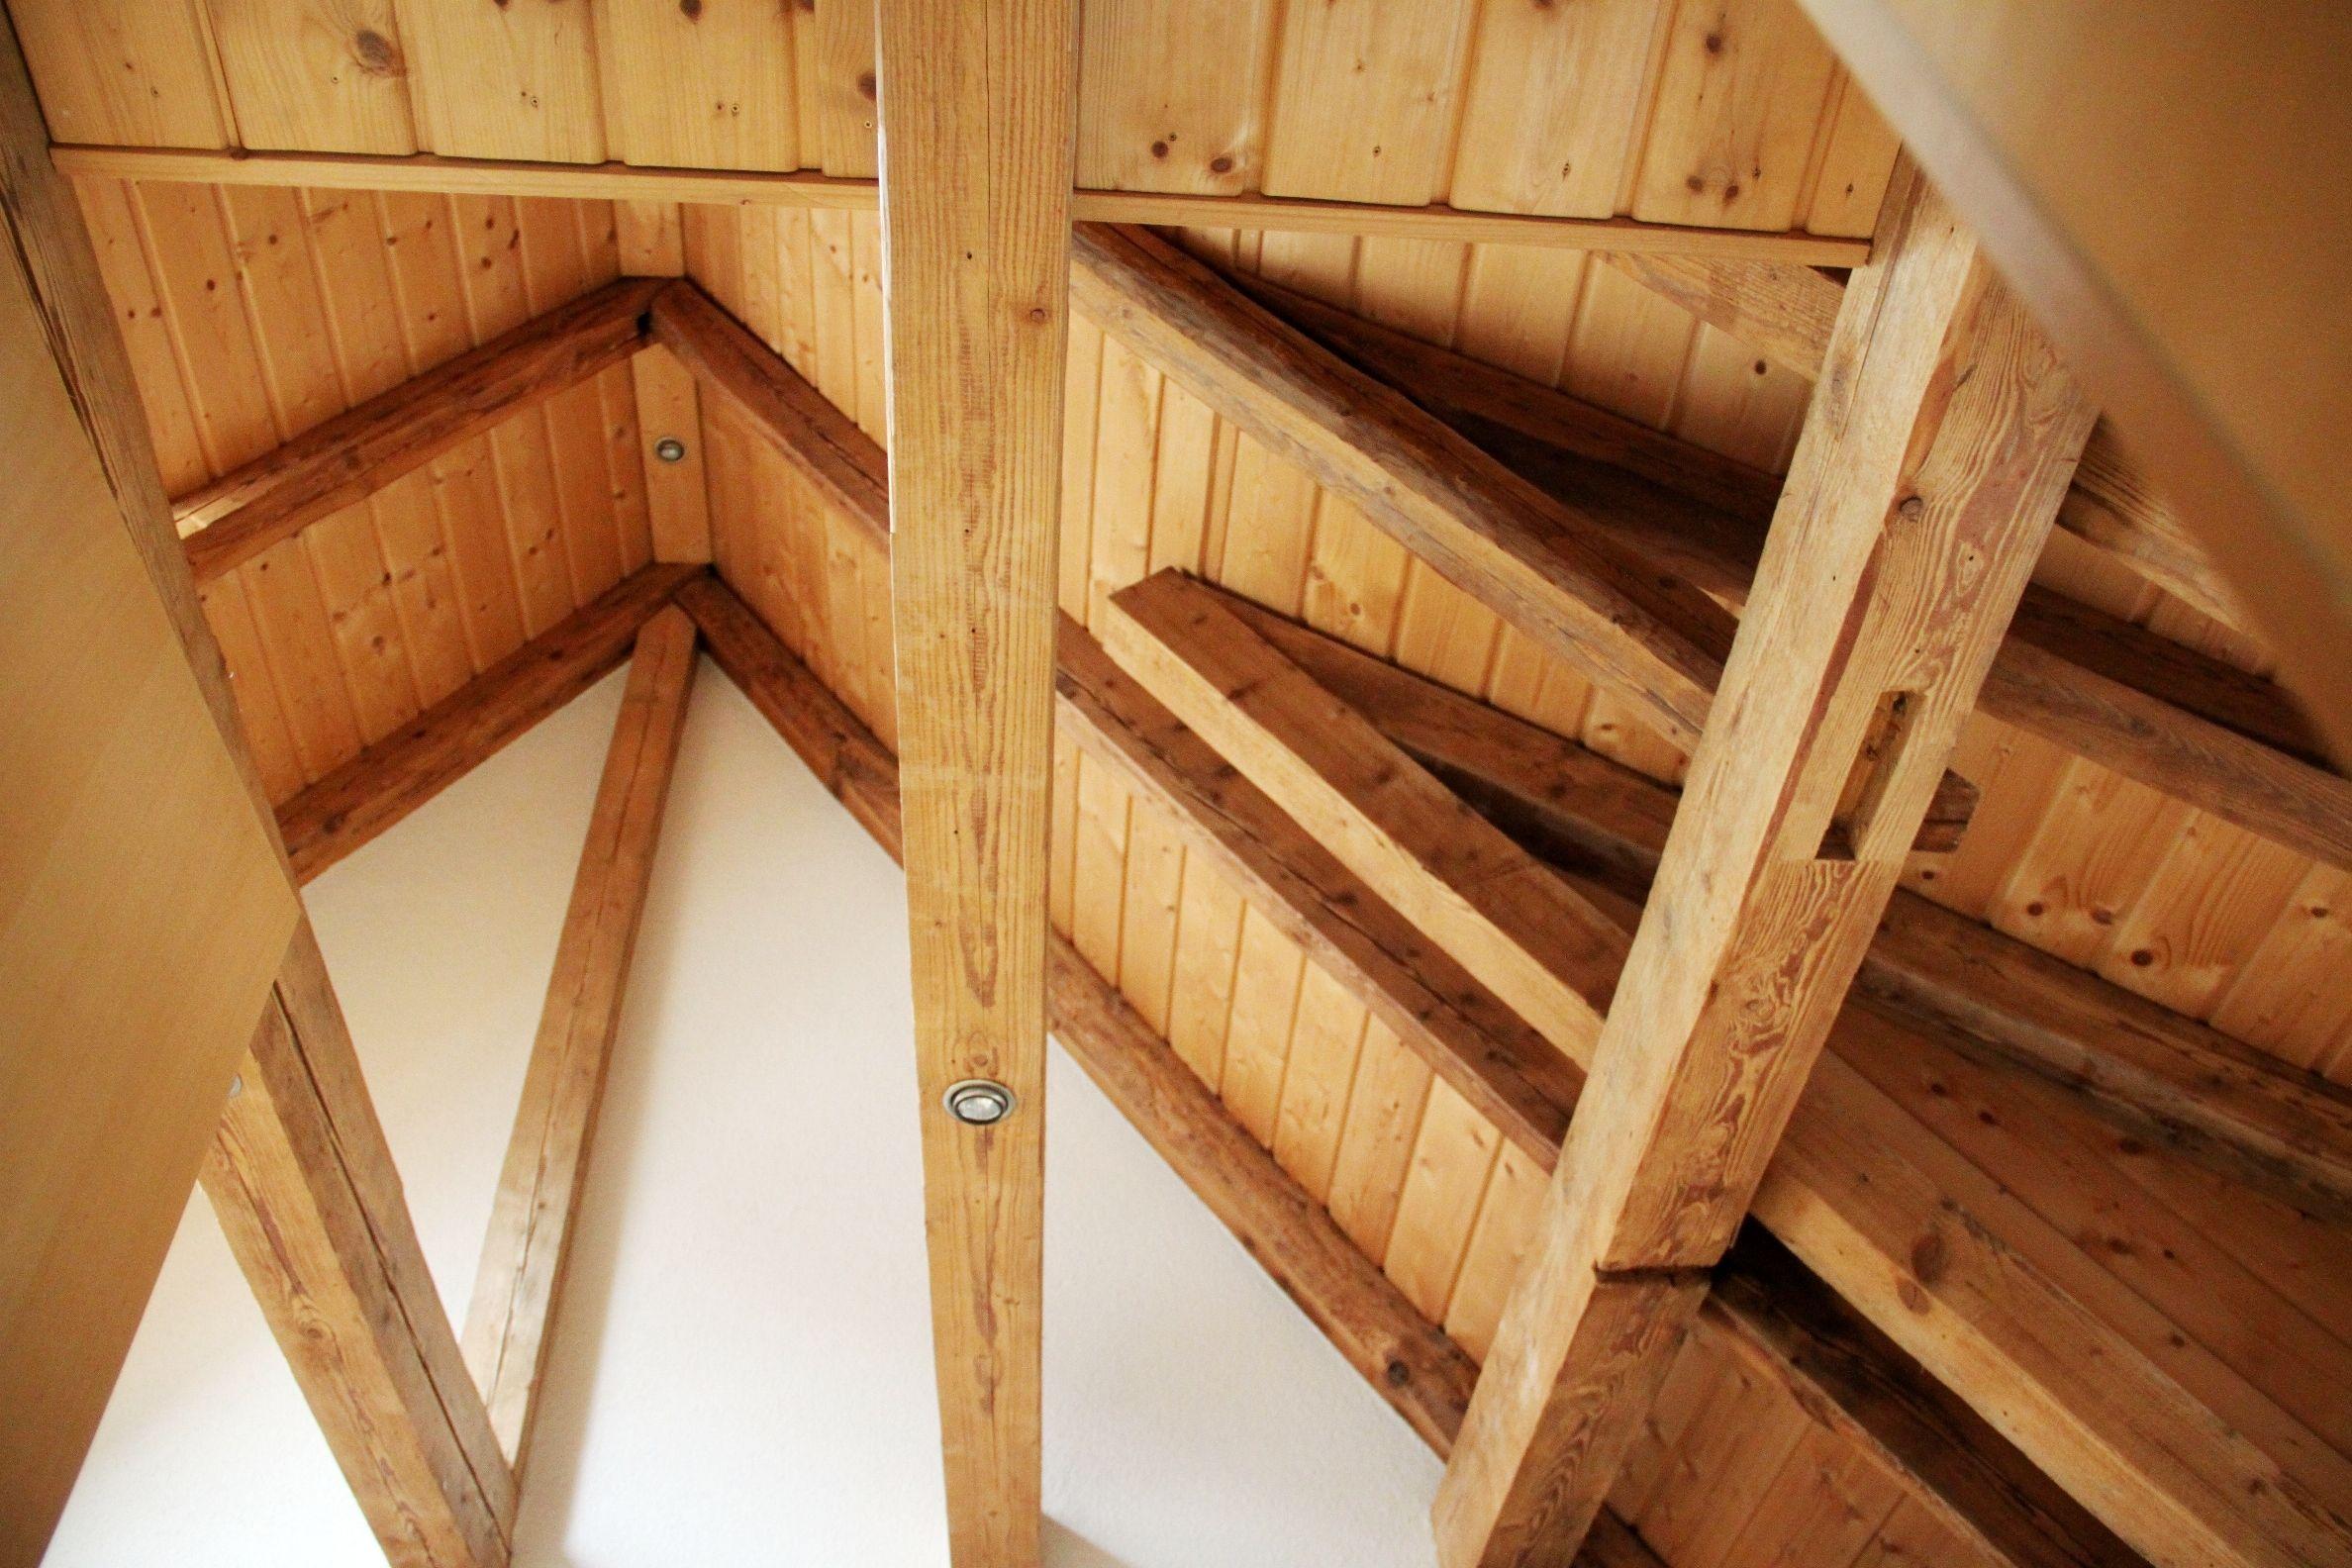 dachstuhl eines alten siedlungshauses gebaut um 1910 in Unterfranken/Bavaria